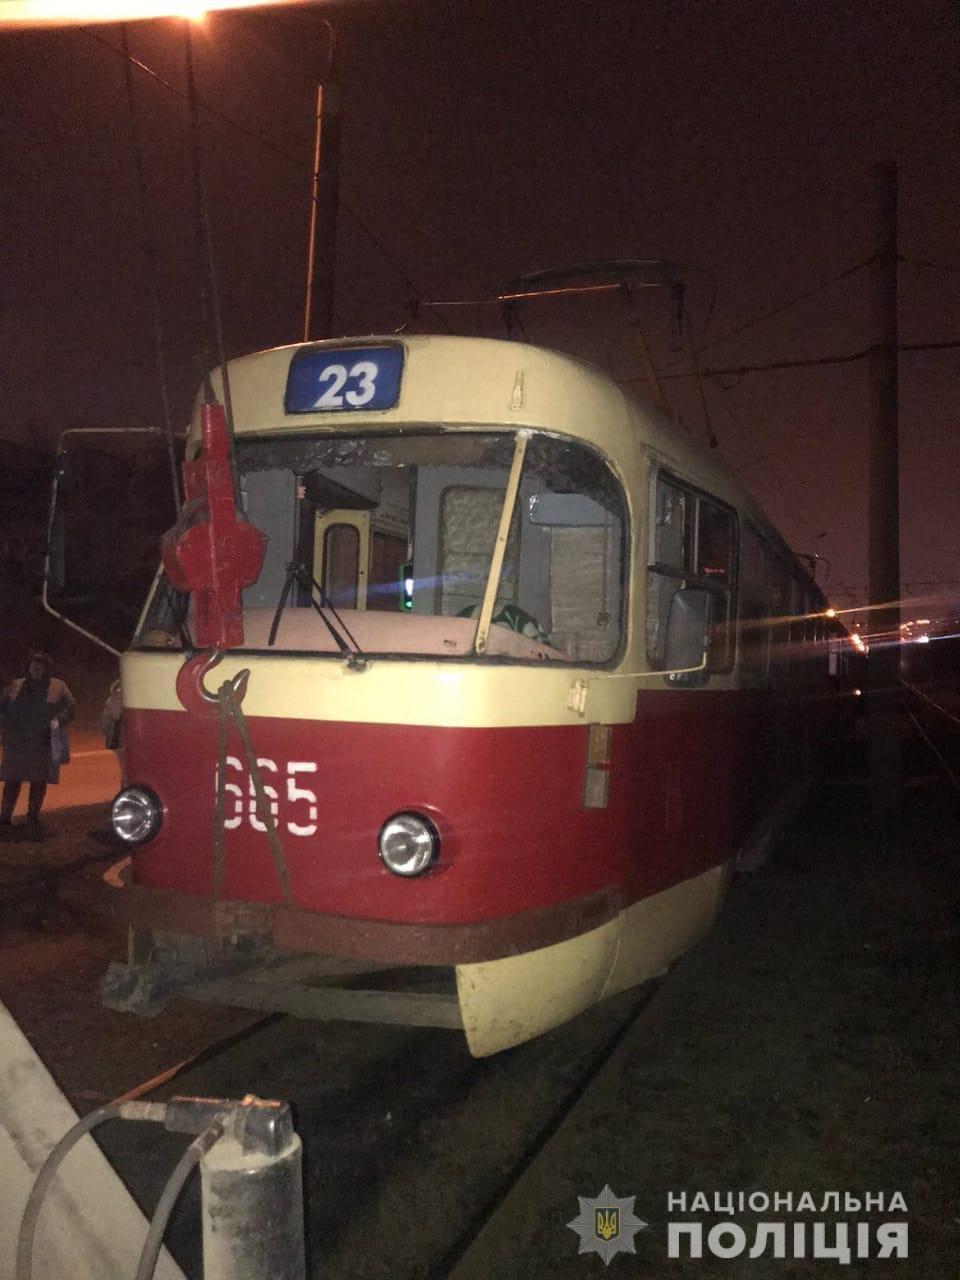 В Харькове мужчина попал под трамвай. Чтобы достать тело, пришлось поднимать вагон, - ФОТО, фото-1